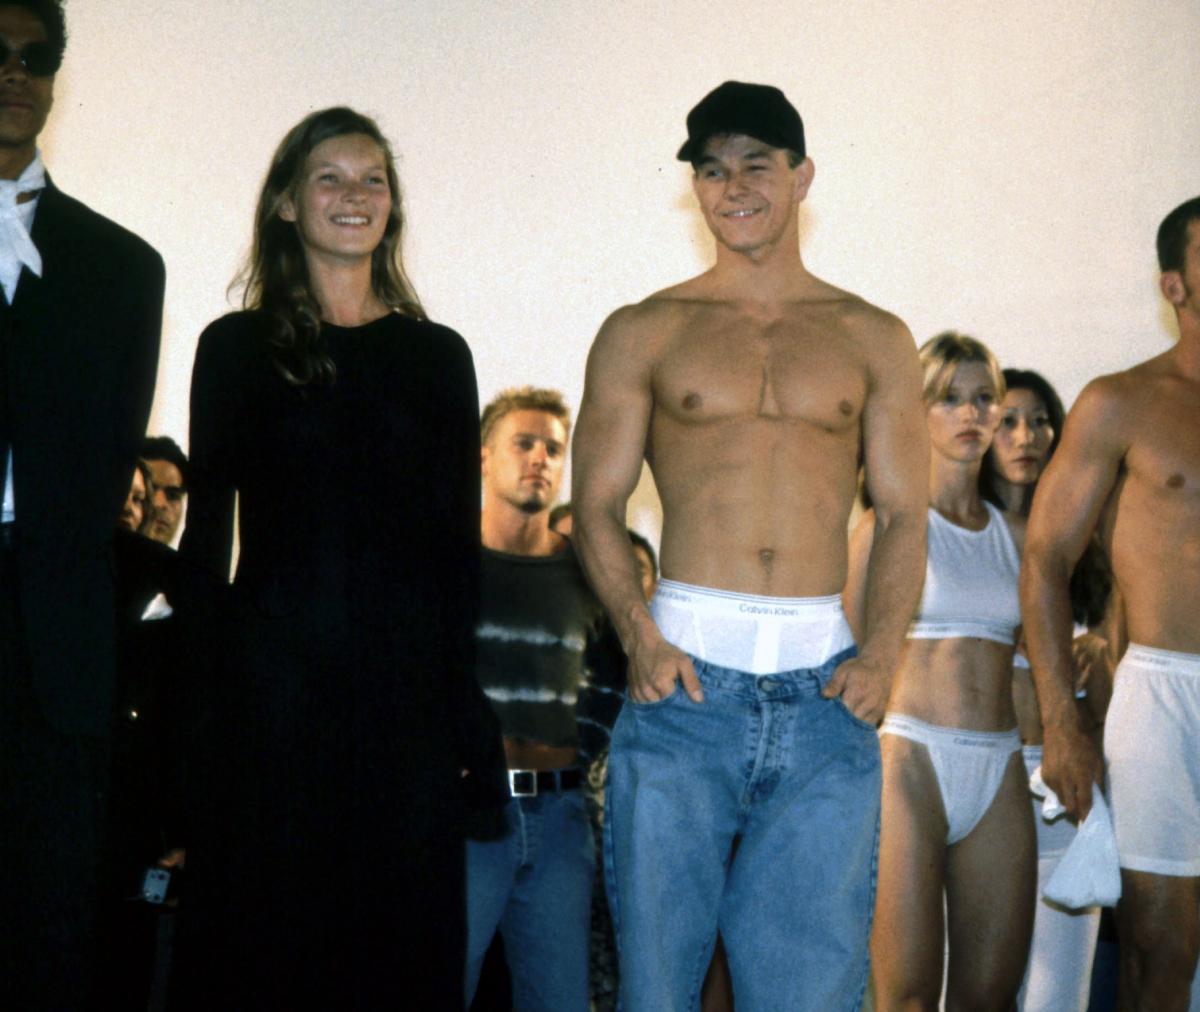 1992年9月に行われたカルバン クラインのショーには、同年のアンダーウェアの広告に起用され、大注目を集めたマーク・ウォールバーグとケイト・モスがランウェイに登場。広告とは異なり、ランウェイではデニムを腰ばきにしていたマークだが、あえてのチラ見せでセクシー度が倍増!? ちなみに、そのたくましい腕や厚い胸板は20年以上経った今も健在。それもそのはず、マークは朝2時半に起きて自宅のジムでトレーニングをし、夜は7時半に寝るというワークアウト中心の独特なスケジュールで暮らしているという。